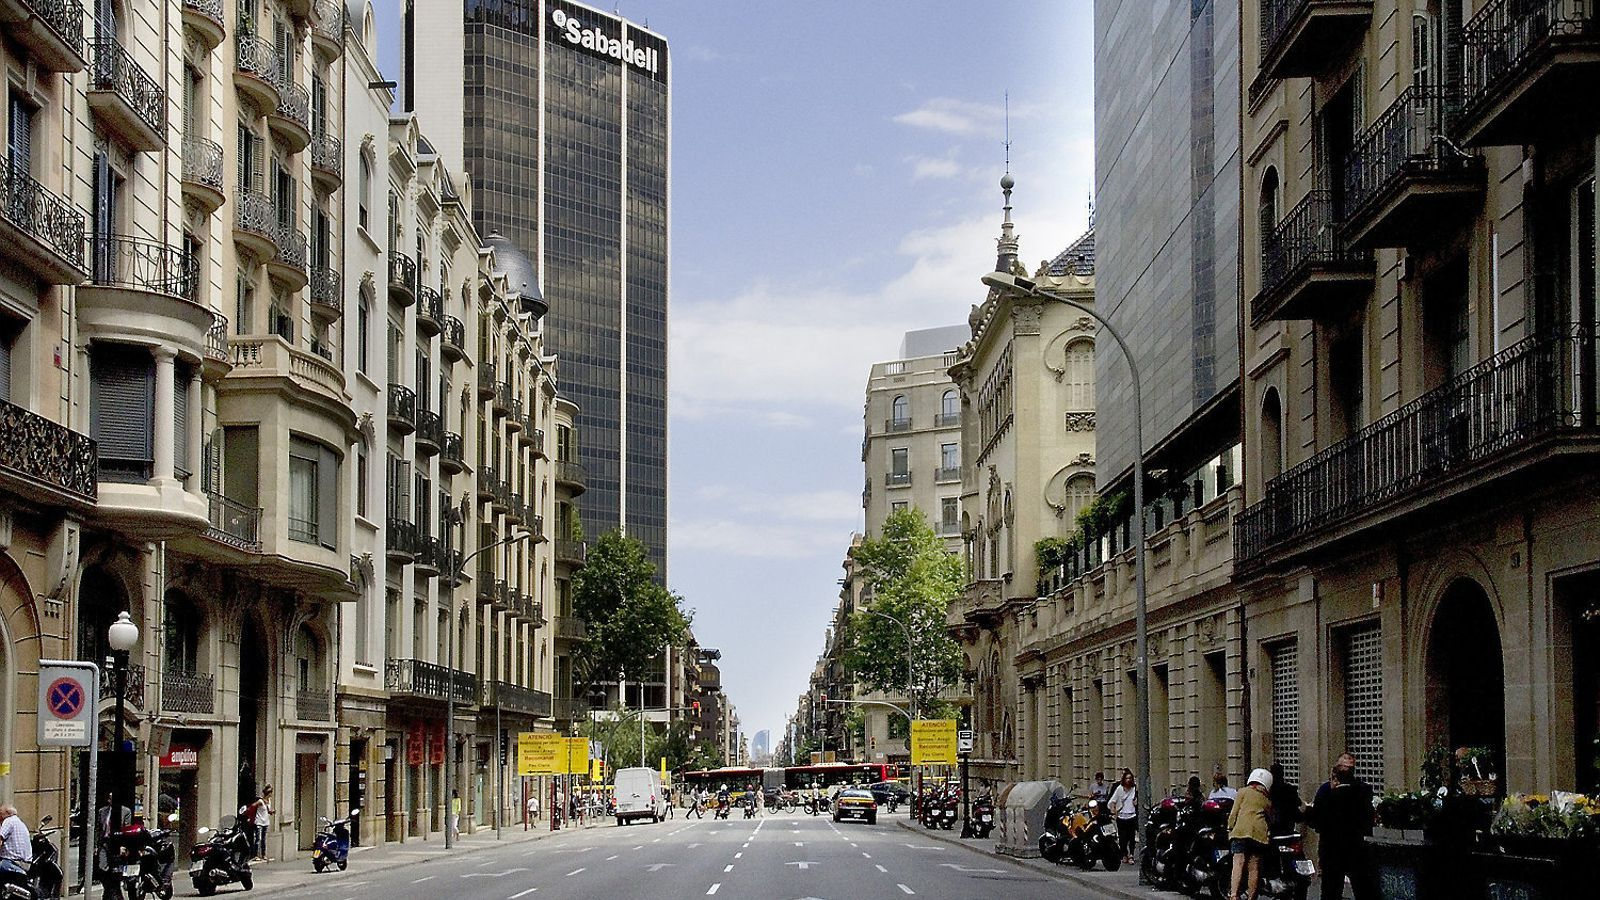 Seu operativa del Banc Sabadell a Barcelona, a la cantonada de Balmes amb Diagonal.